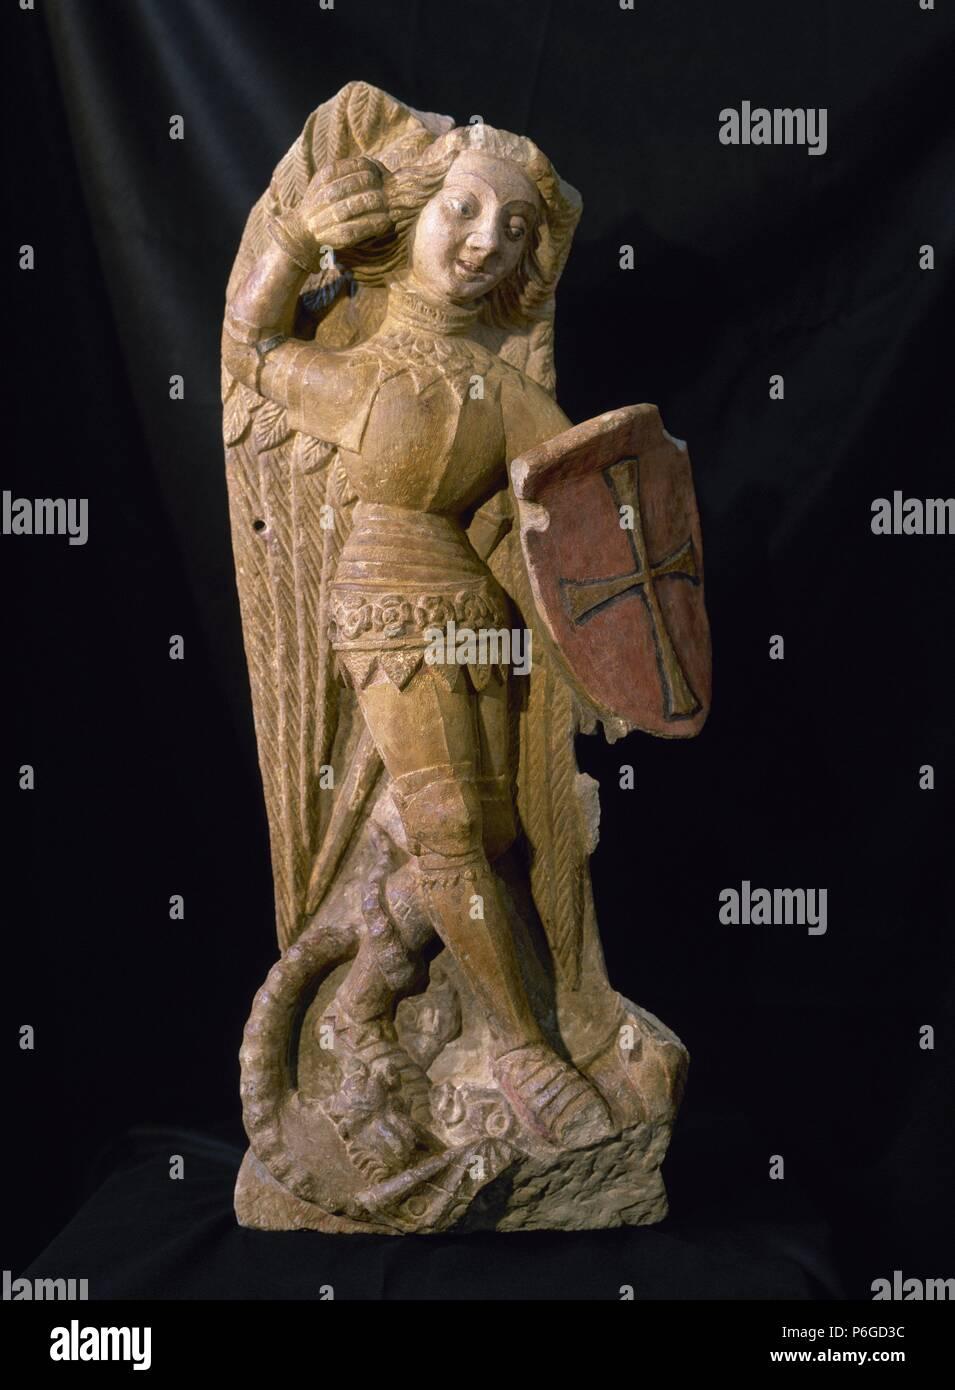 MIGUEL, San Arcángel. Uno de los espíritus bienaventurados, de orden media, entre los ángeles y los principados. ESCULTURA gótica en piedra calcárea policromada (104cm x 44cm x 17cm x 35cm), realizada en la primera mitad del siglo XV. IGLESIA DE SANT LLORENÇ DE LLEIDA. Cataluña. Stock Photo